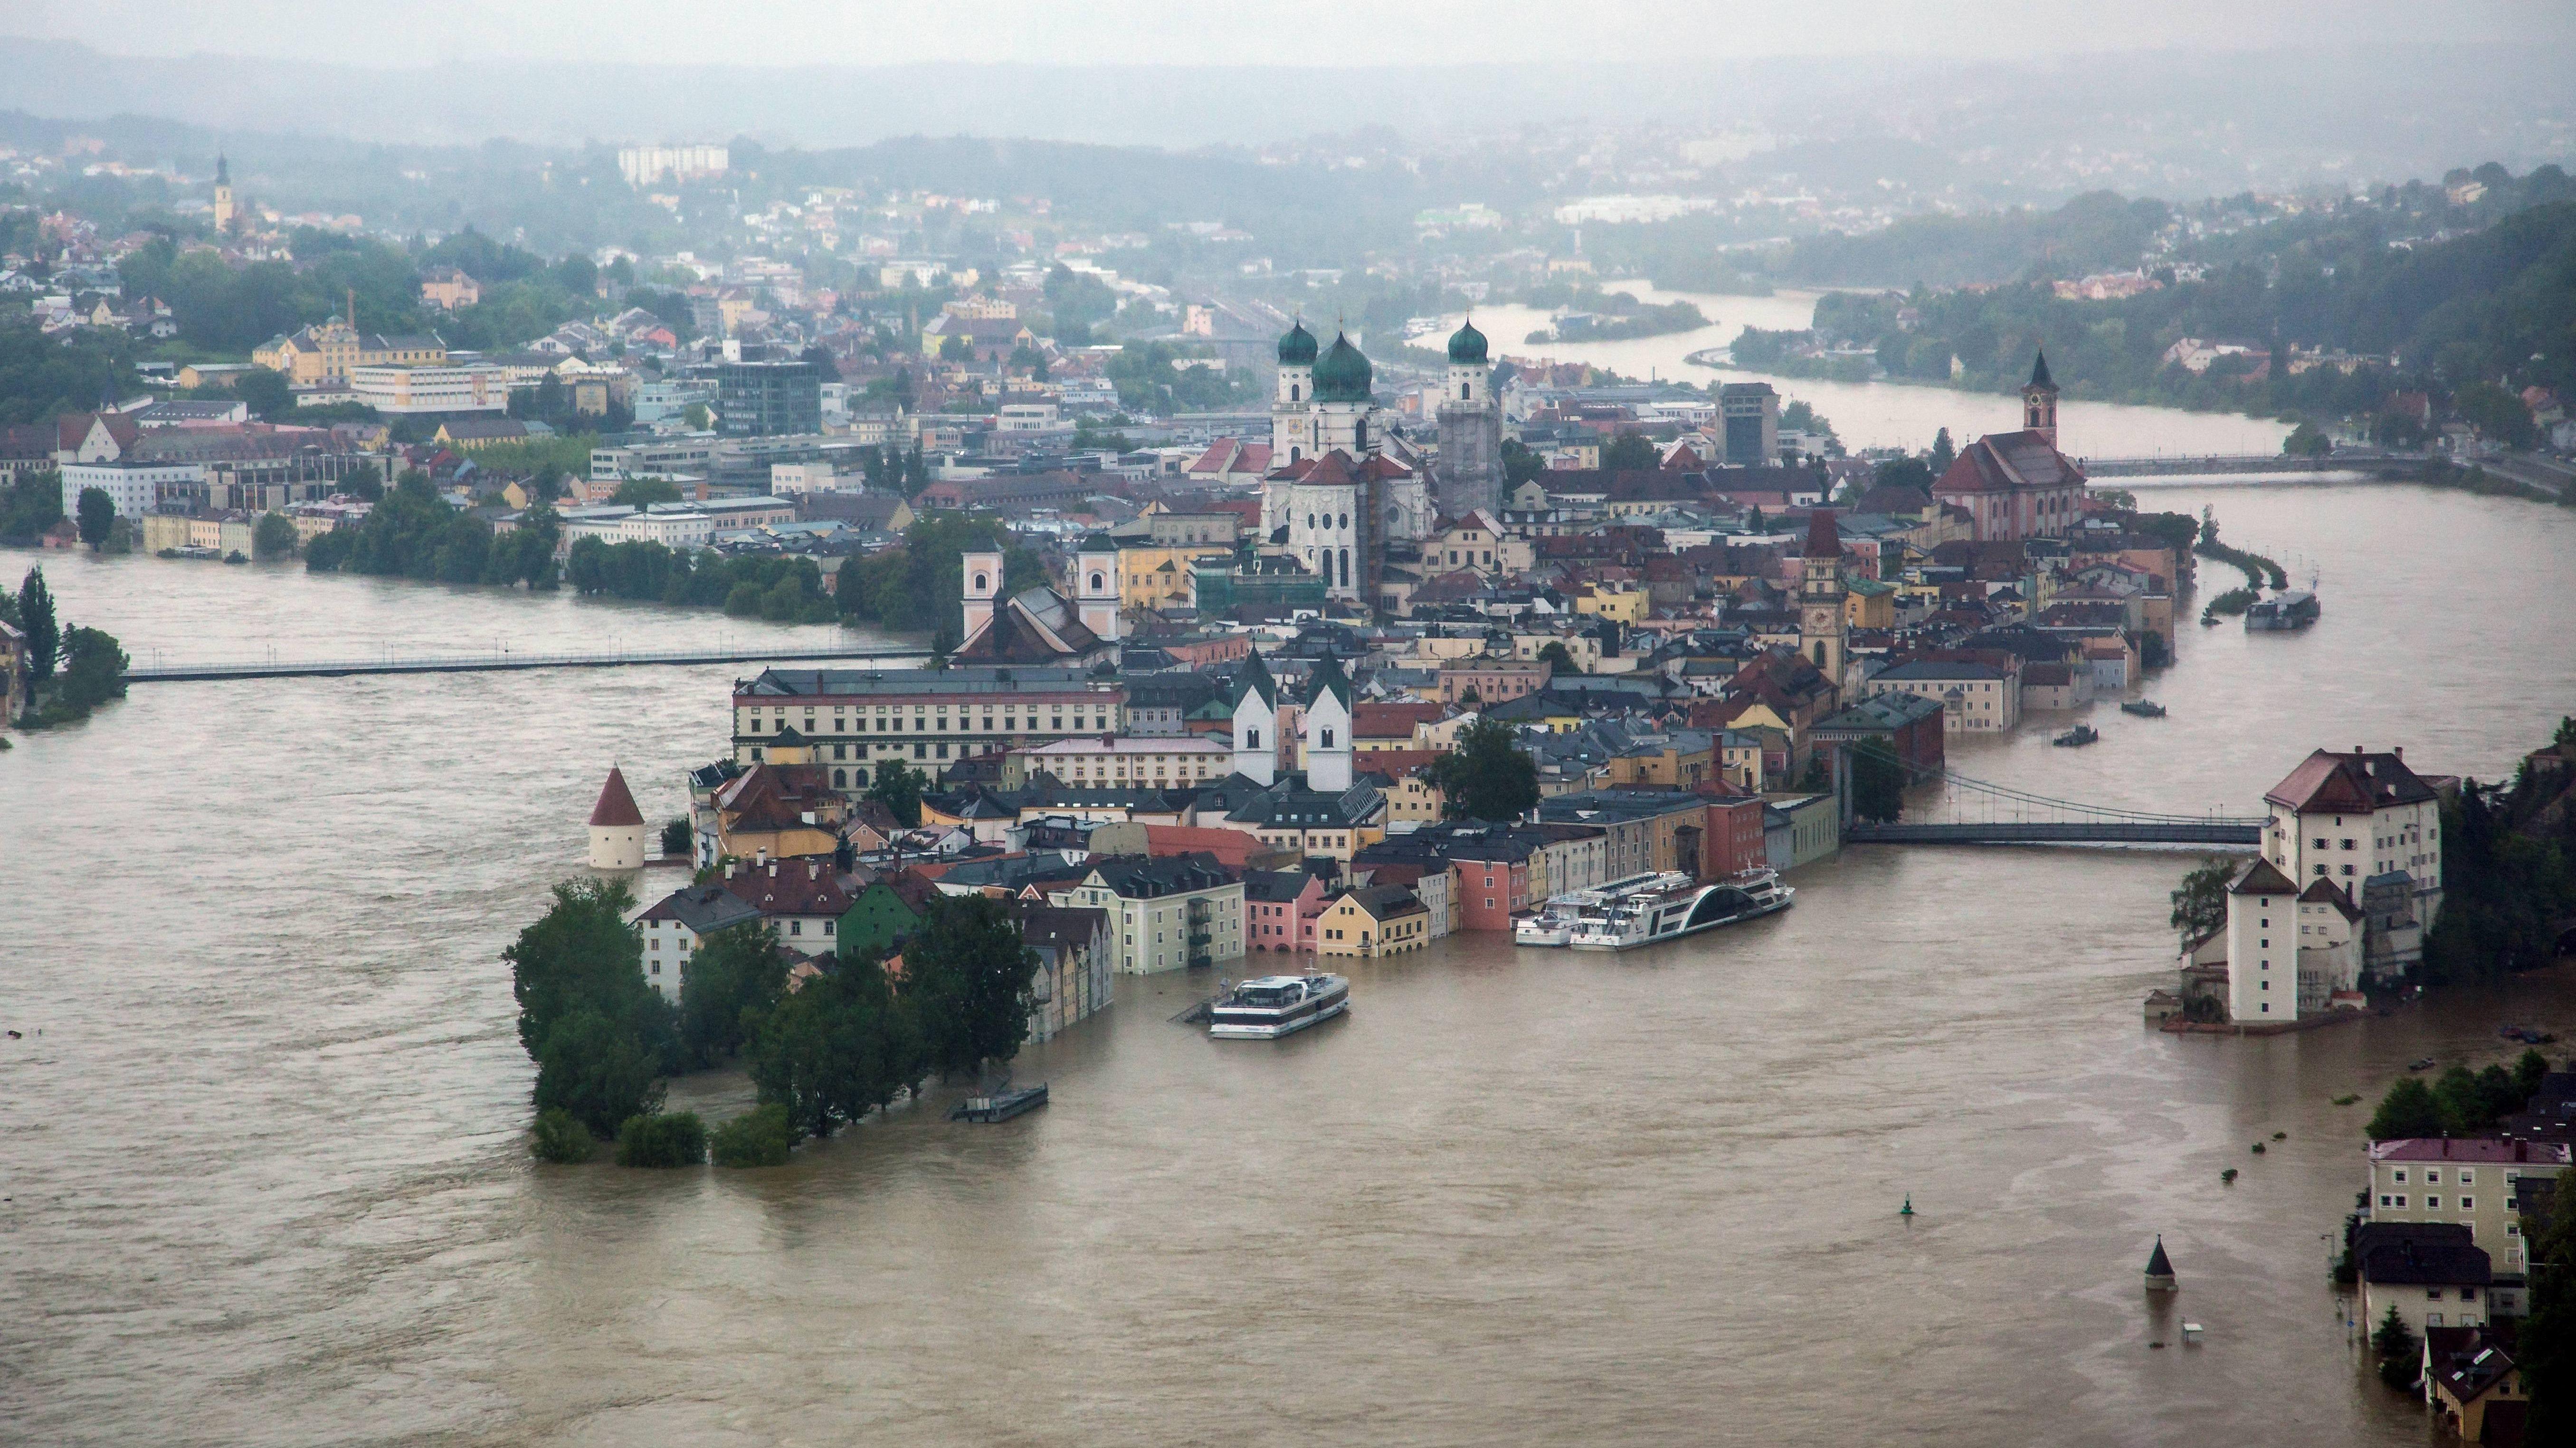 Zusammenfluss von Inn, Donau und Ilz bei der Altstadt von Passau mit Kloster und Rathaus, überflutet beim Jahrhunderthochwasser im Juni 2013